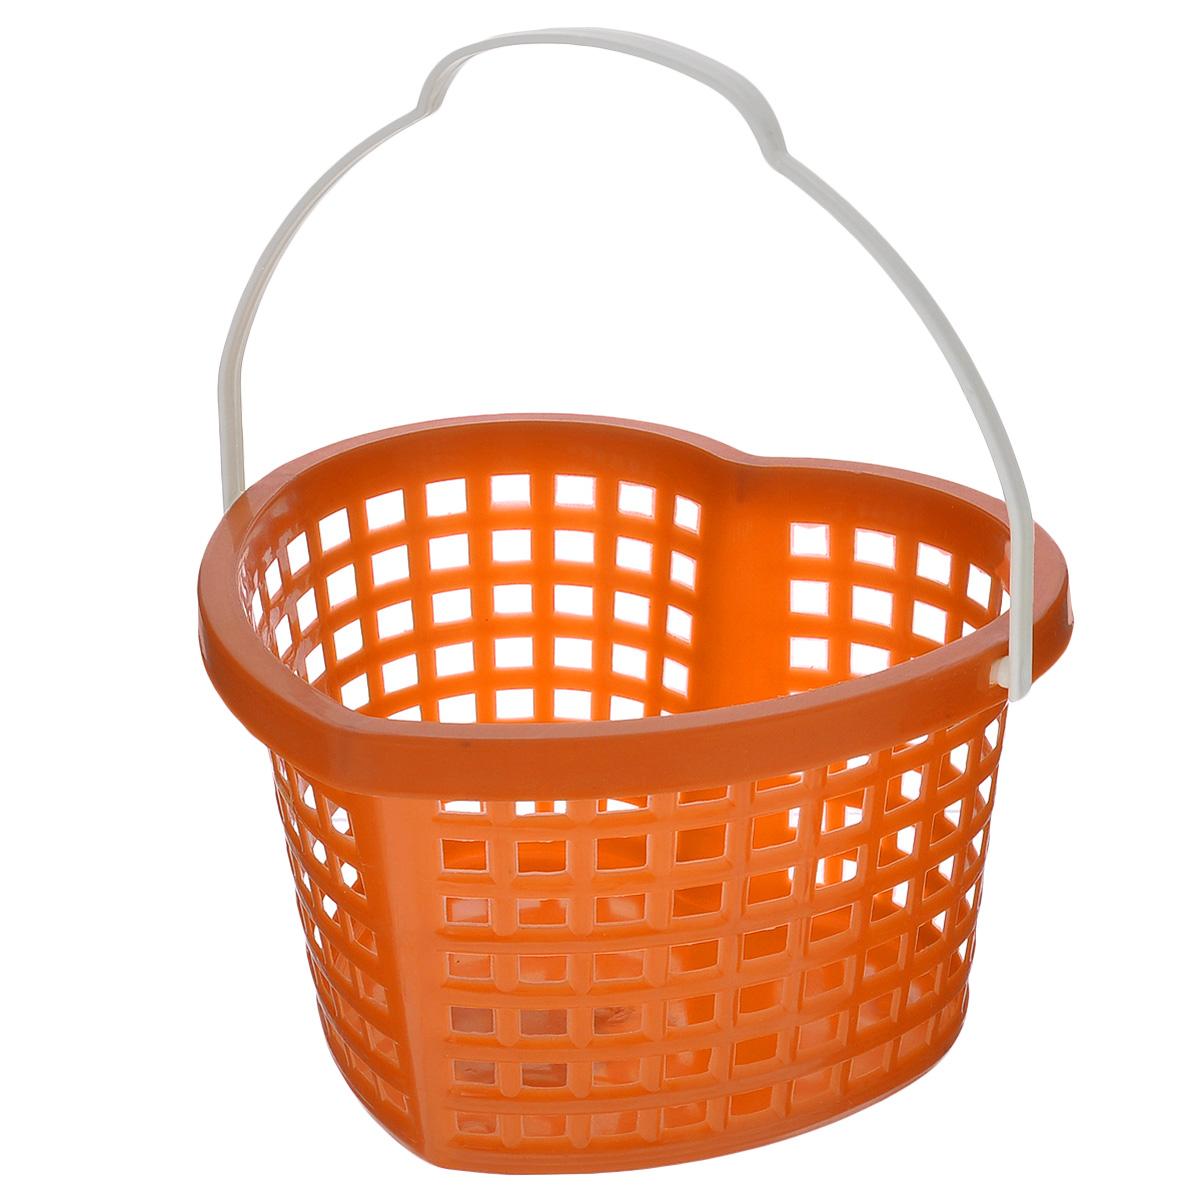 Корзина Sima-land Сердце, цвет: оранжевый, 19 см х 17 см х 12 смTD 0033Корзина Sima-land Сердце, изготовленная из высококачественного прочного пластика, предназначена для хранения мелочей в ванной, на кухне, даче или гараже. Изделие выполнено в виде сердца и оснащено эргономичной ручкой для переноски.Это легкая корзина со сплошным дном, жесткой кромкой и небольшими отверстиями, которая позволяет хранить мелкие вещи, исключая возможность их потери.